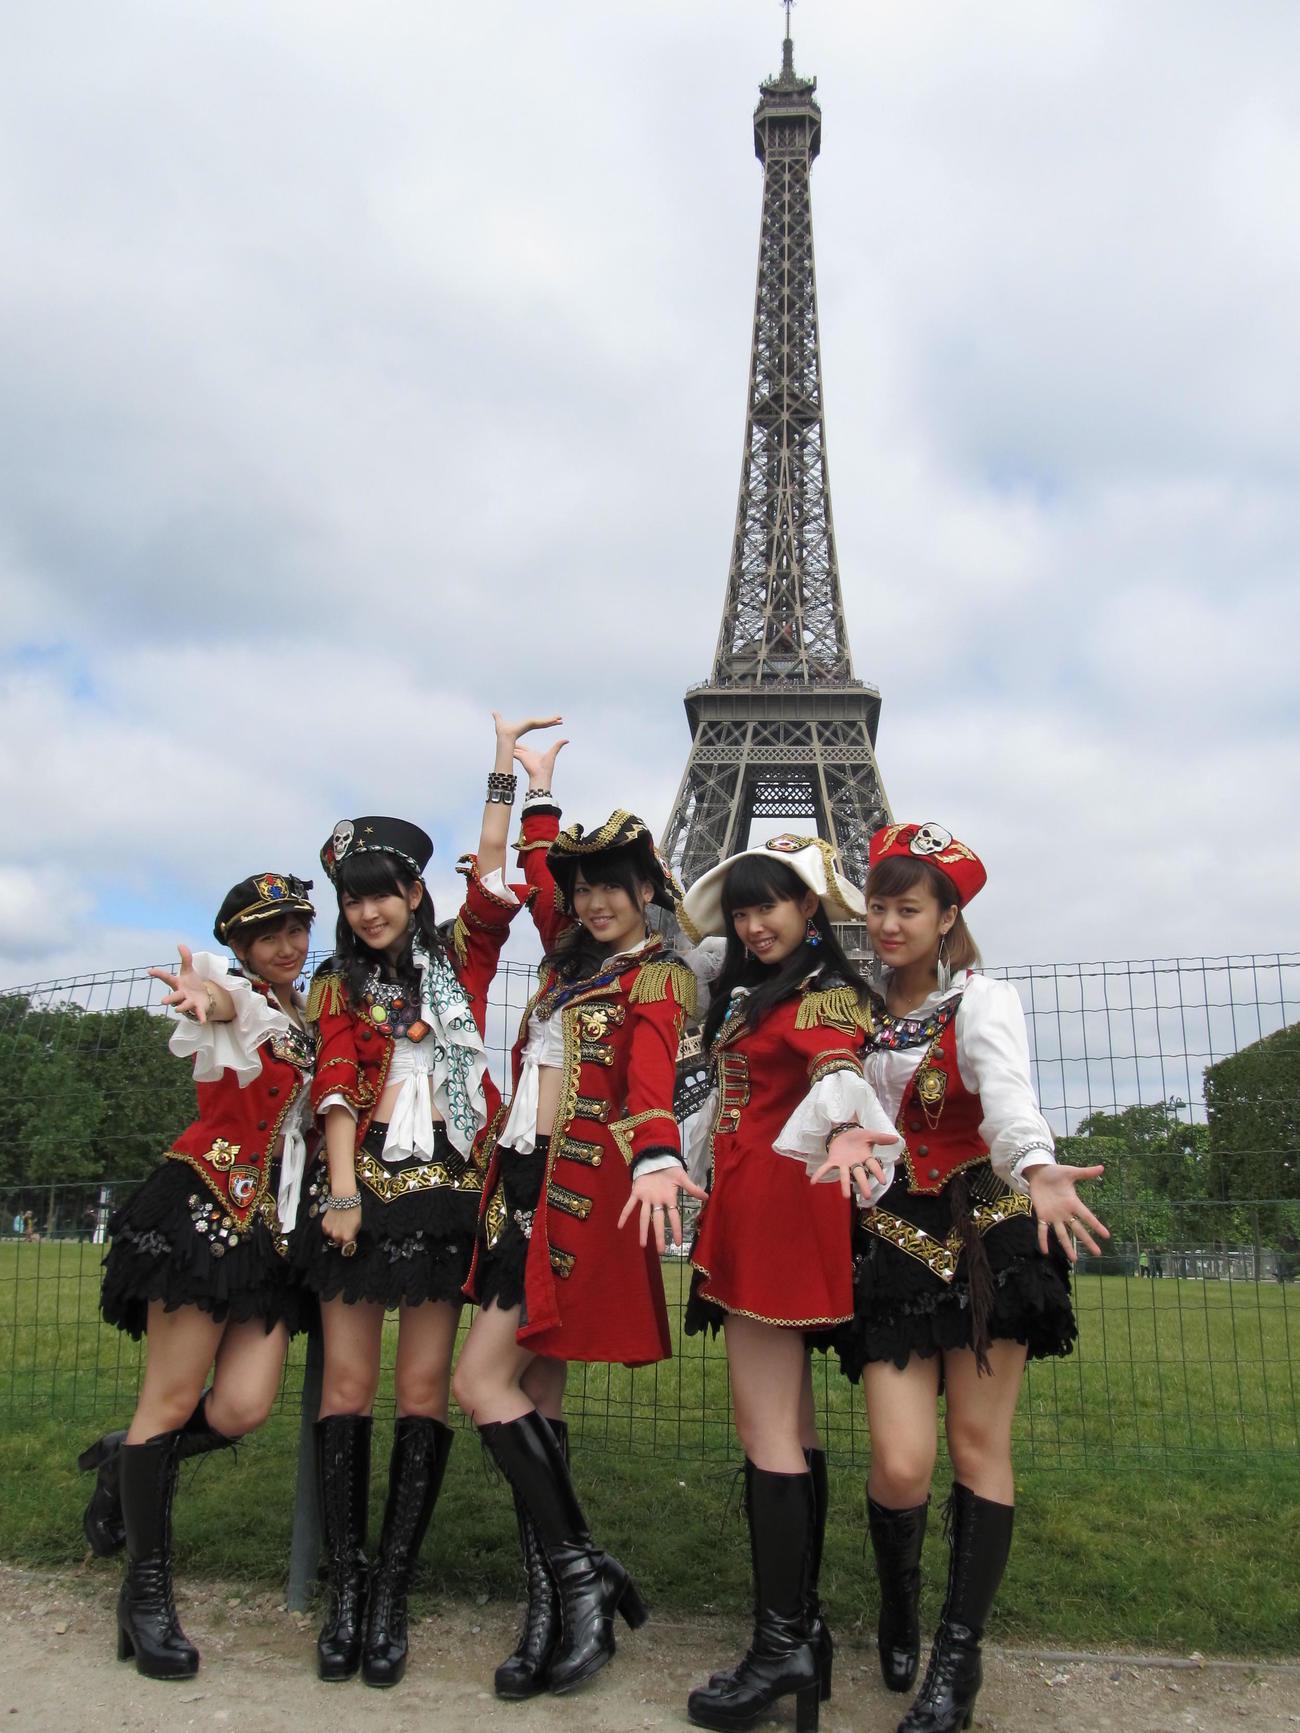 初の海外単独公演でエッフェル塔をバックに海賊風衣装でポーズを決める℃-ute。左から、岡井千聖、鈴木愛理、矢島舞美、中島早貴、萩原舞=2013年7月